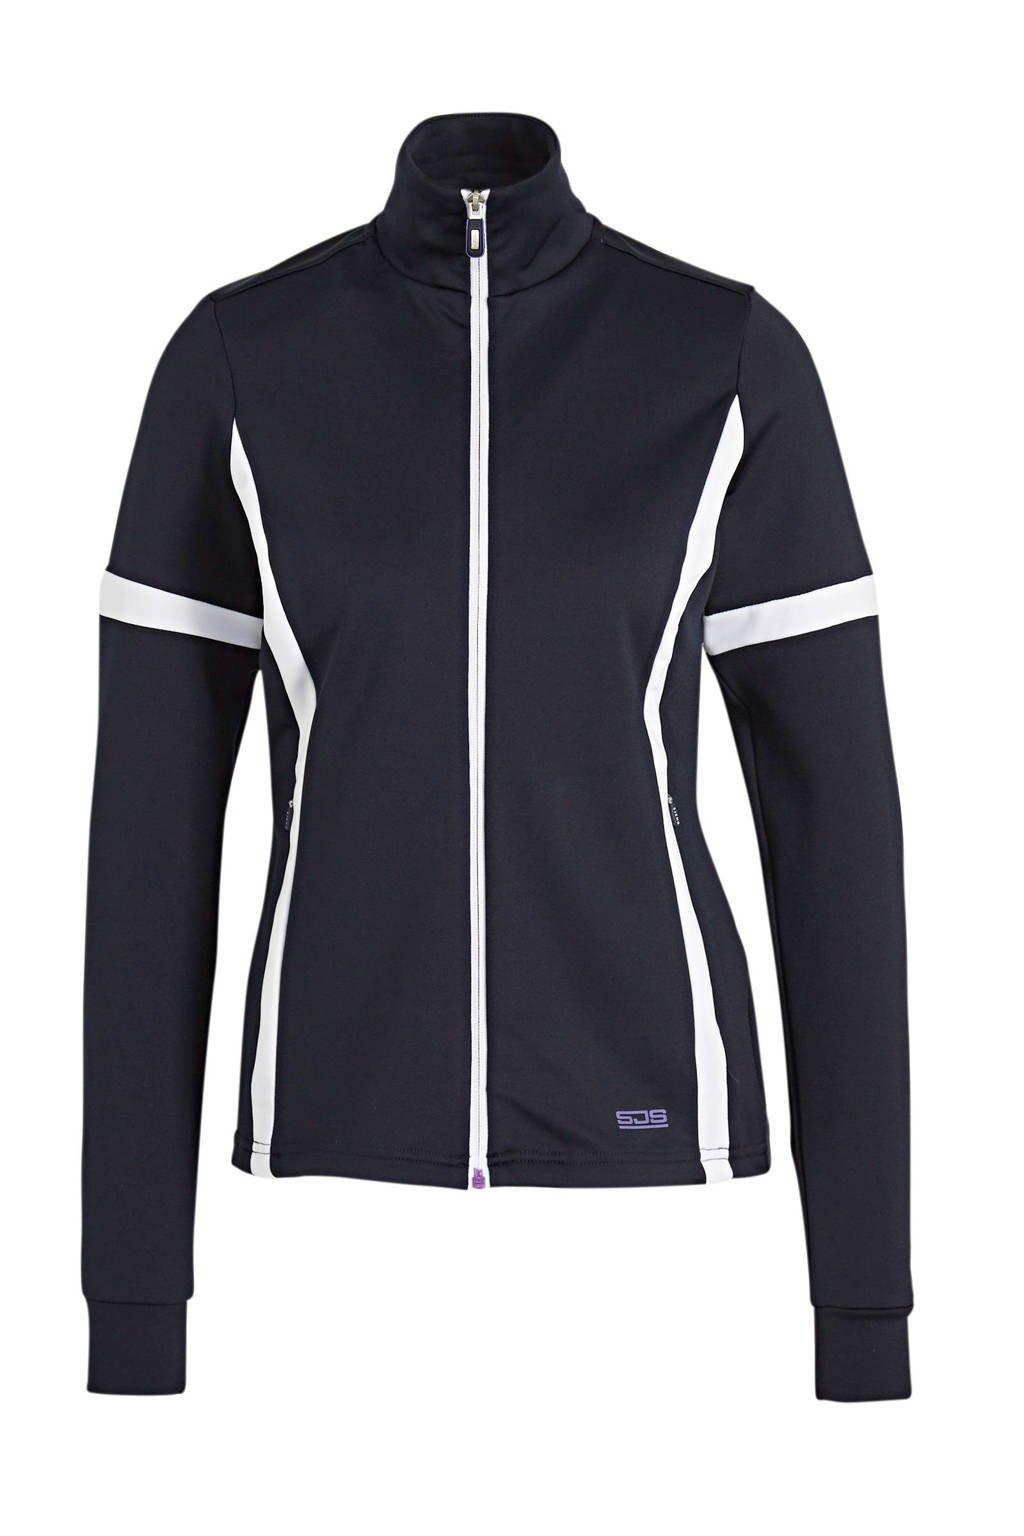 Sjeng Sports sportvest Jazzy donkerblauw/wit, Donkerblauw/wit